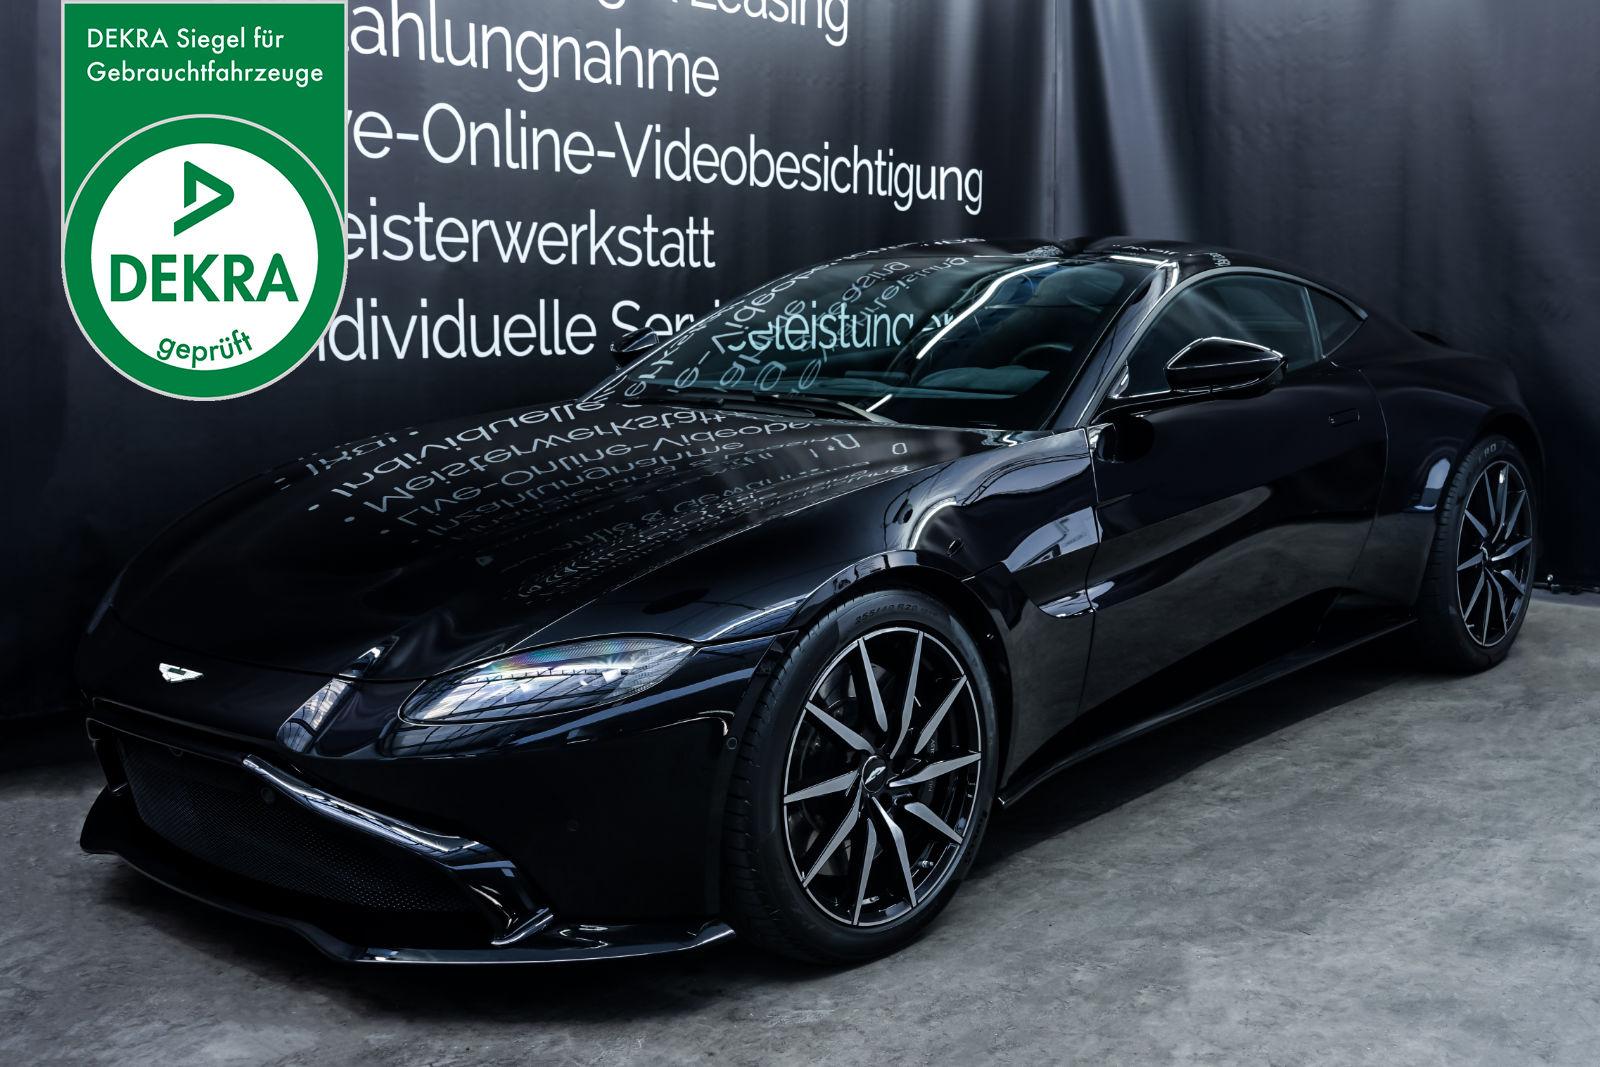 AstonMartin_V8_Vantage_Schwarz_Schwarz_AM-1849_Plakette_w